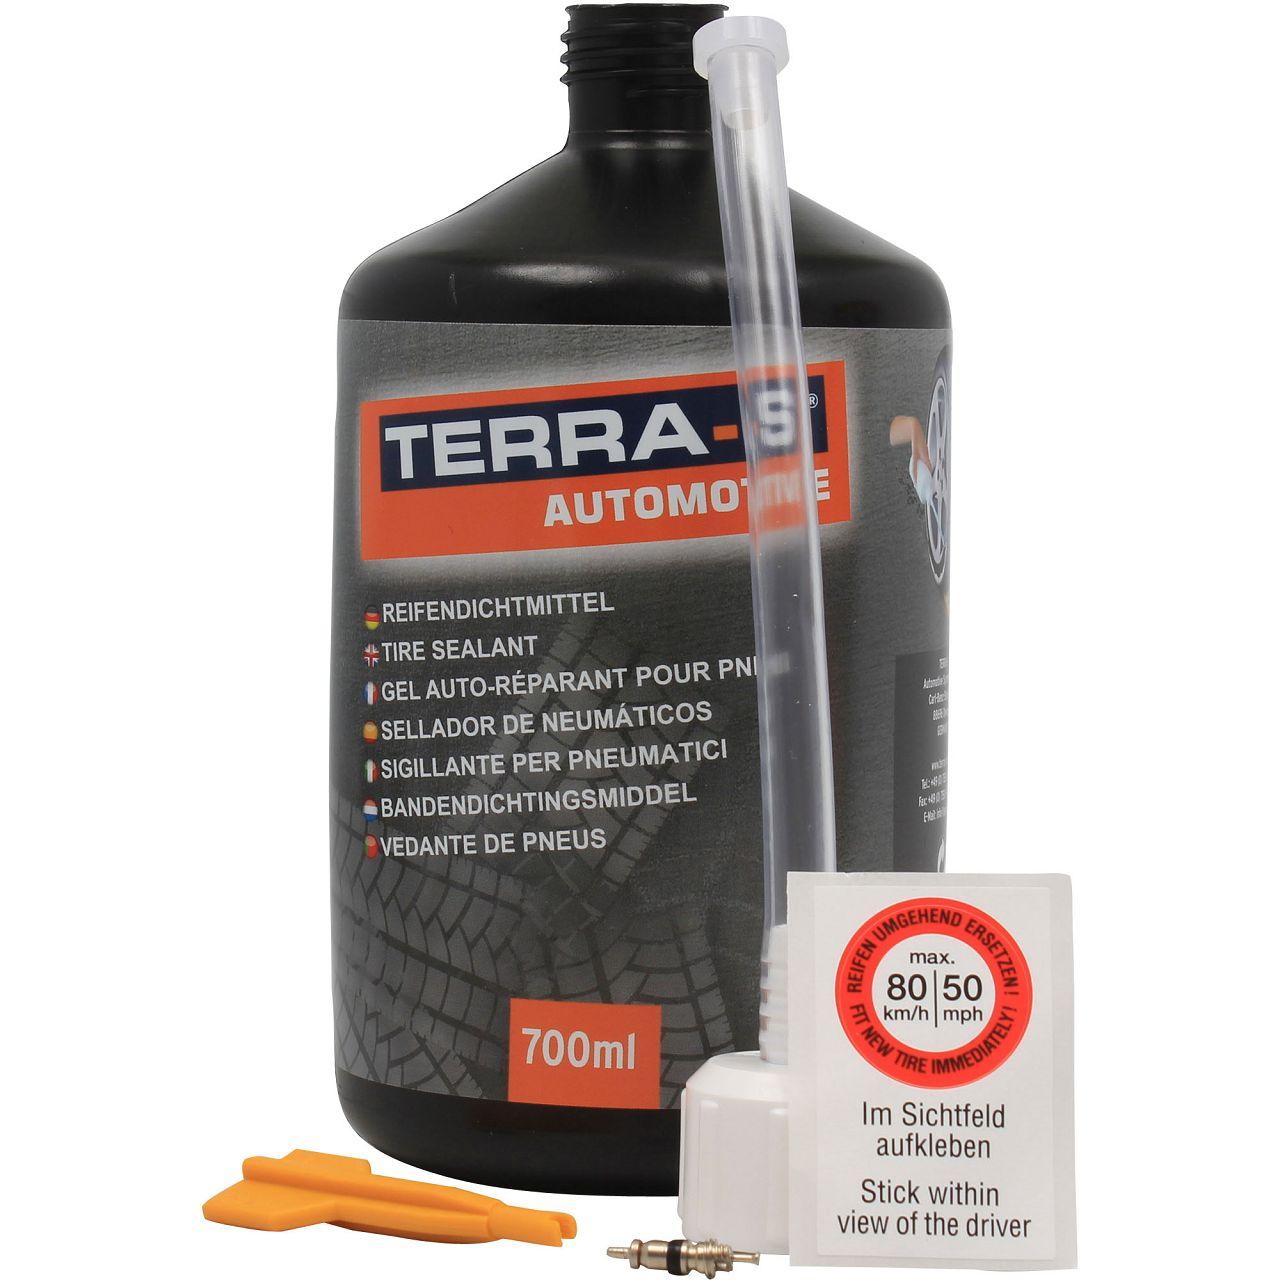 TERRA-S Reifendichtmittel Pannenset Nachfüllflasche Ersatzflasche 700ml